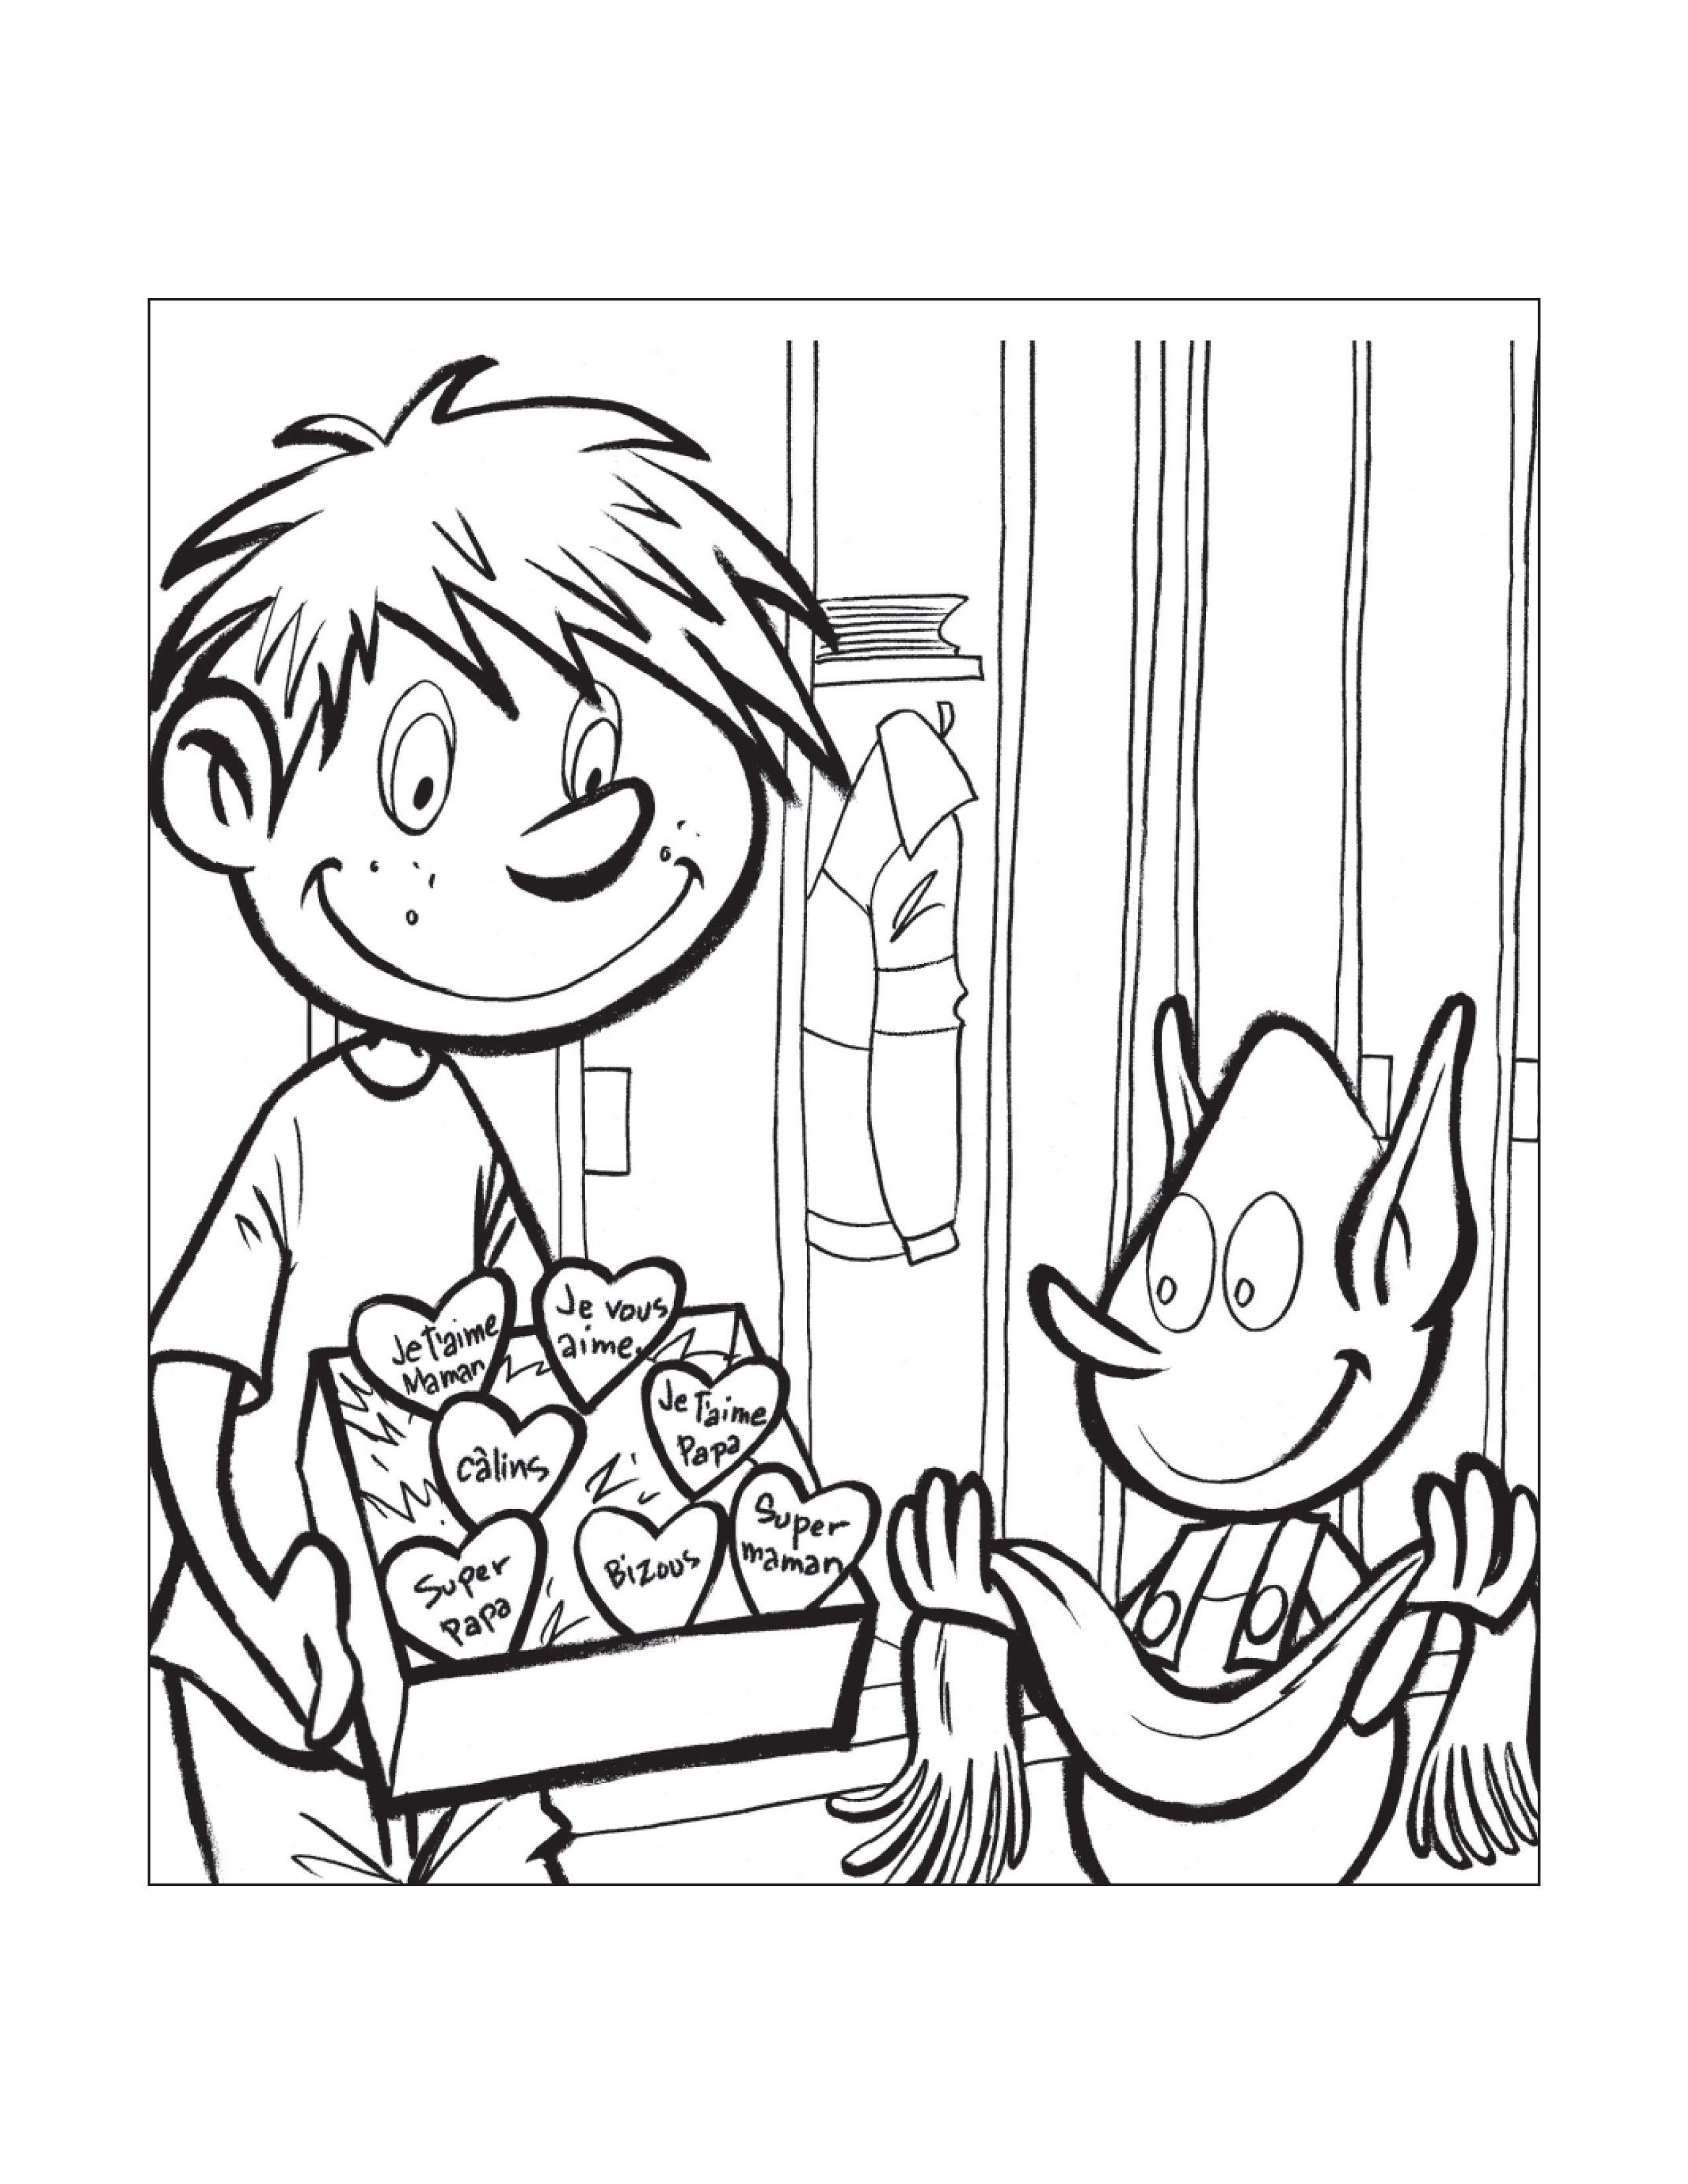 Dessin  colorier de Sam et Bloup Sécurité en autobus scolaire